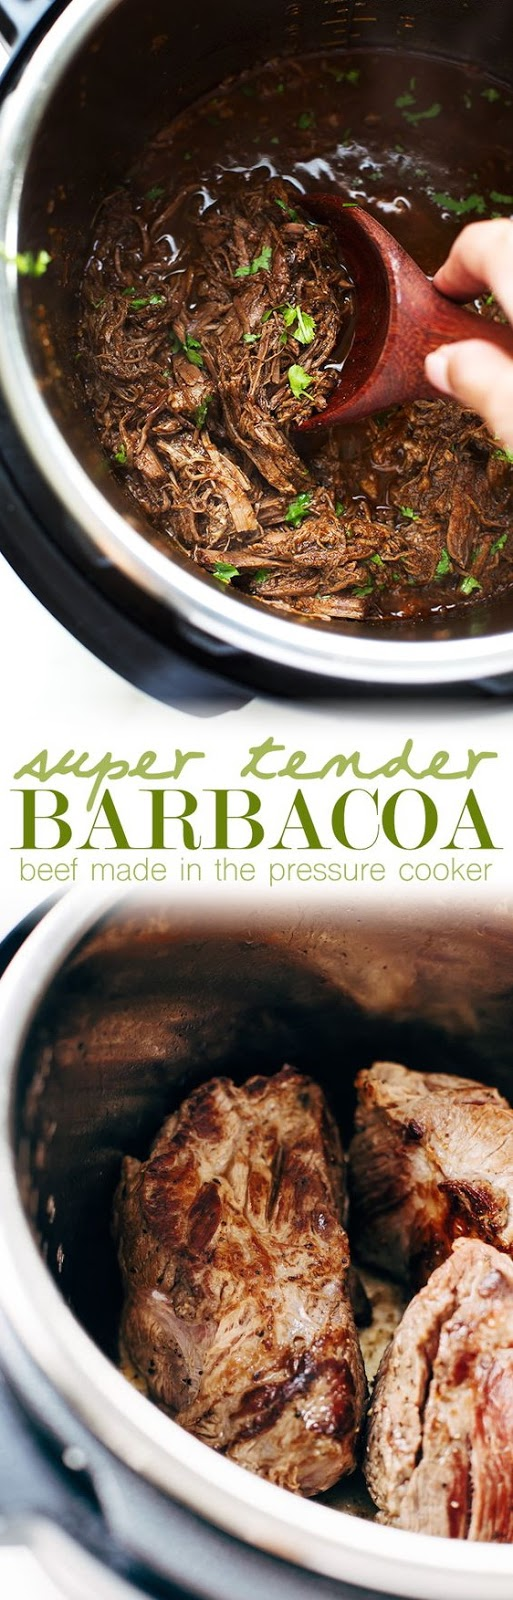 Pressure Cooker Barbacoa Beef